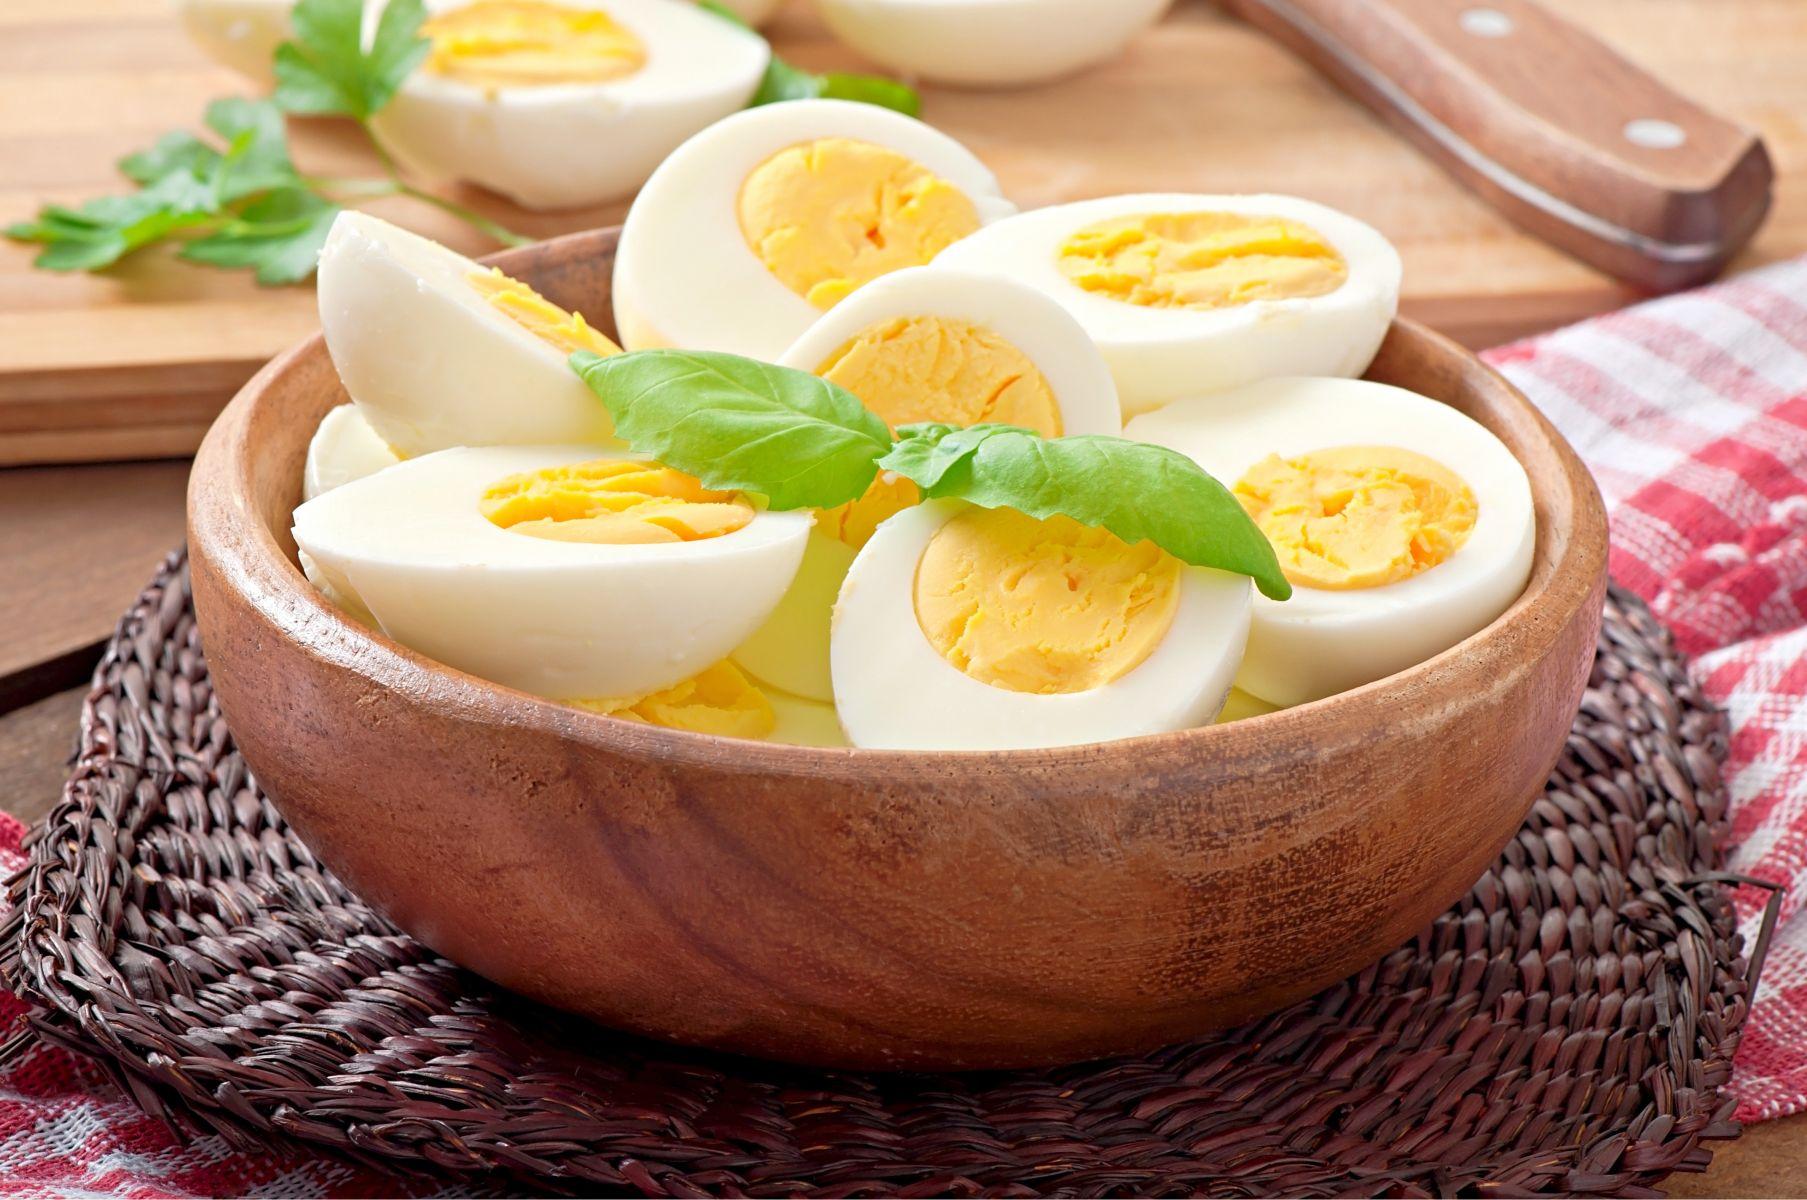 六十歲以後更要常吃「蛋」?研究證實:吃2食物,幫助遠離腦梗塞、癌症